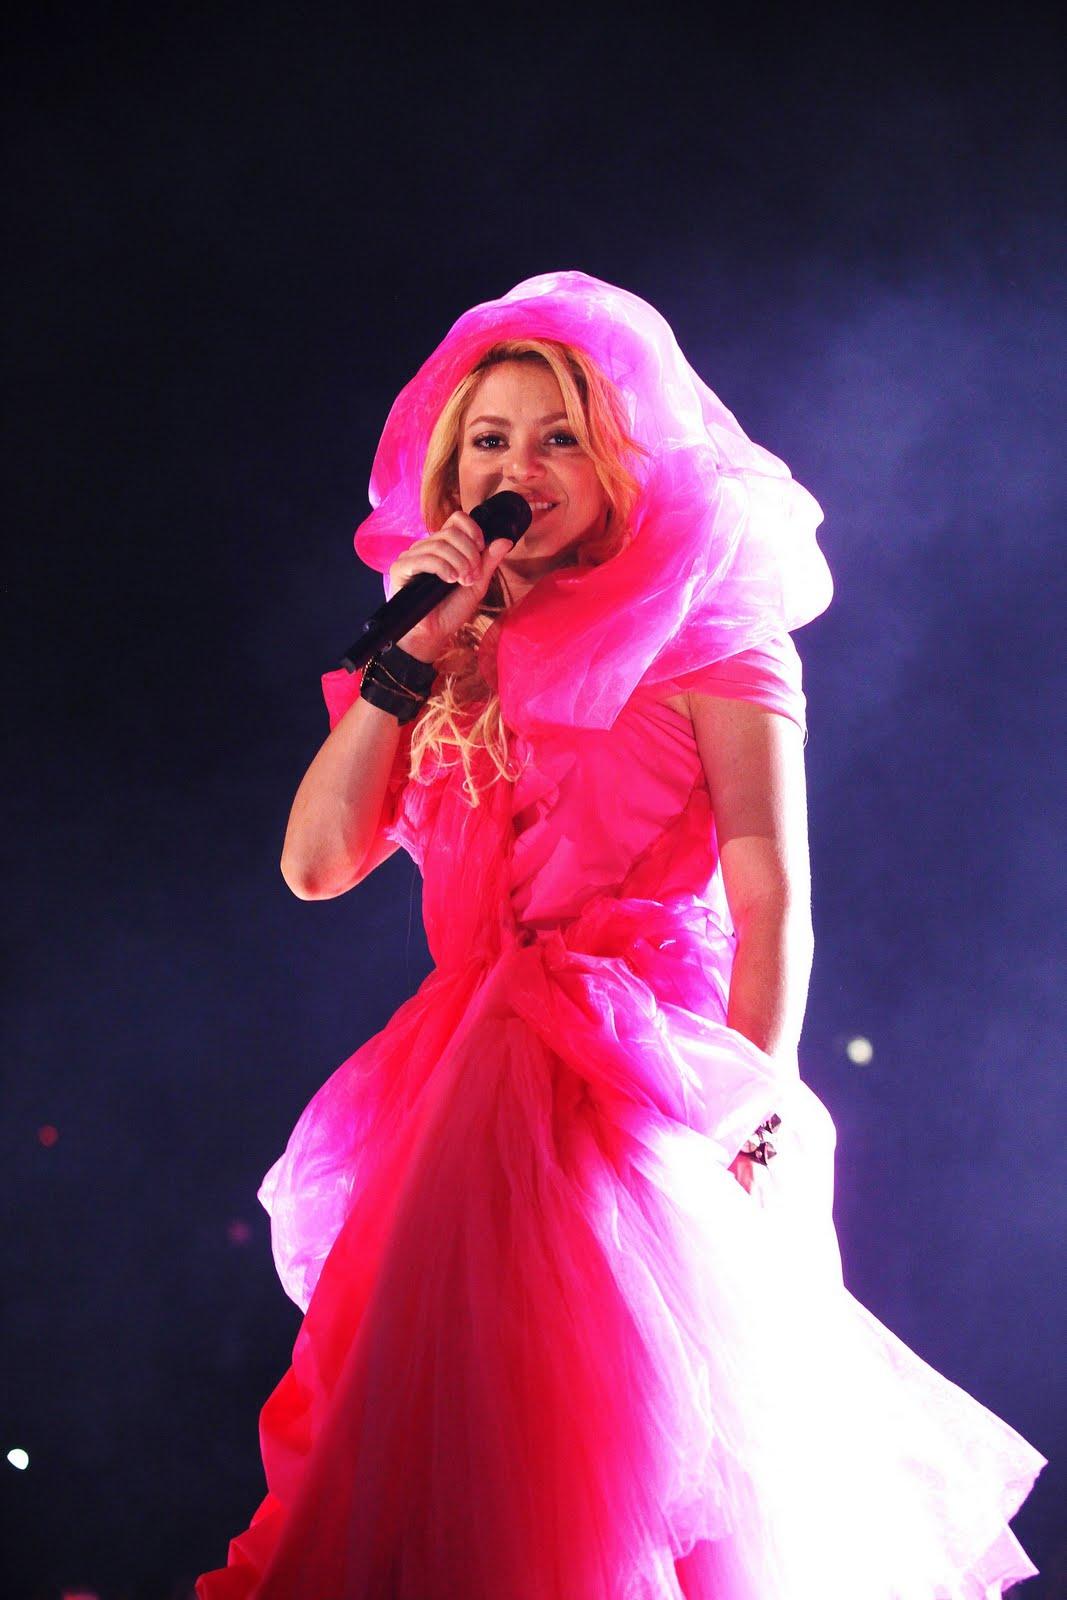 Galería » Apariciones, candids, conciertos... 78354_Shakira_PerformingliveinAssagoForuminMilanItalyMay32011_By_oTTo12_122_90lo